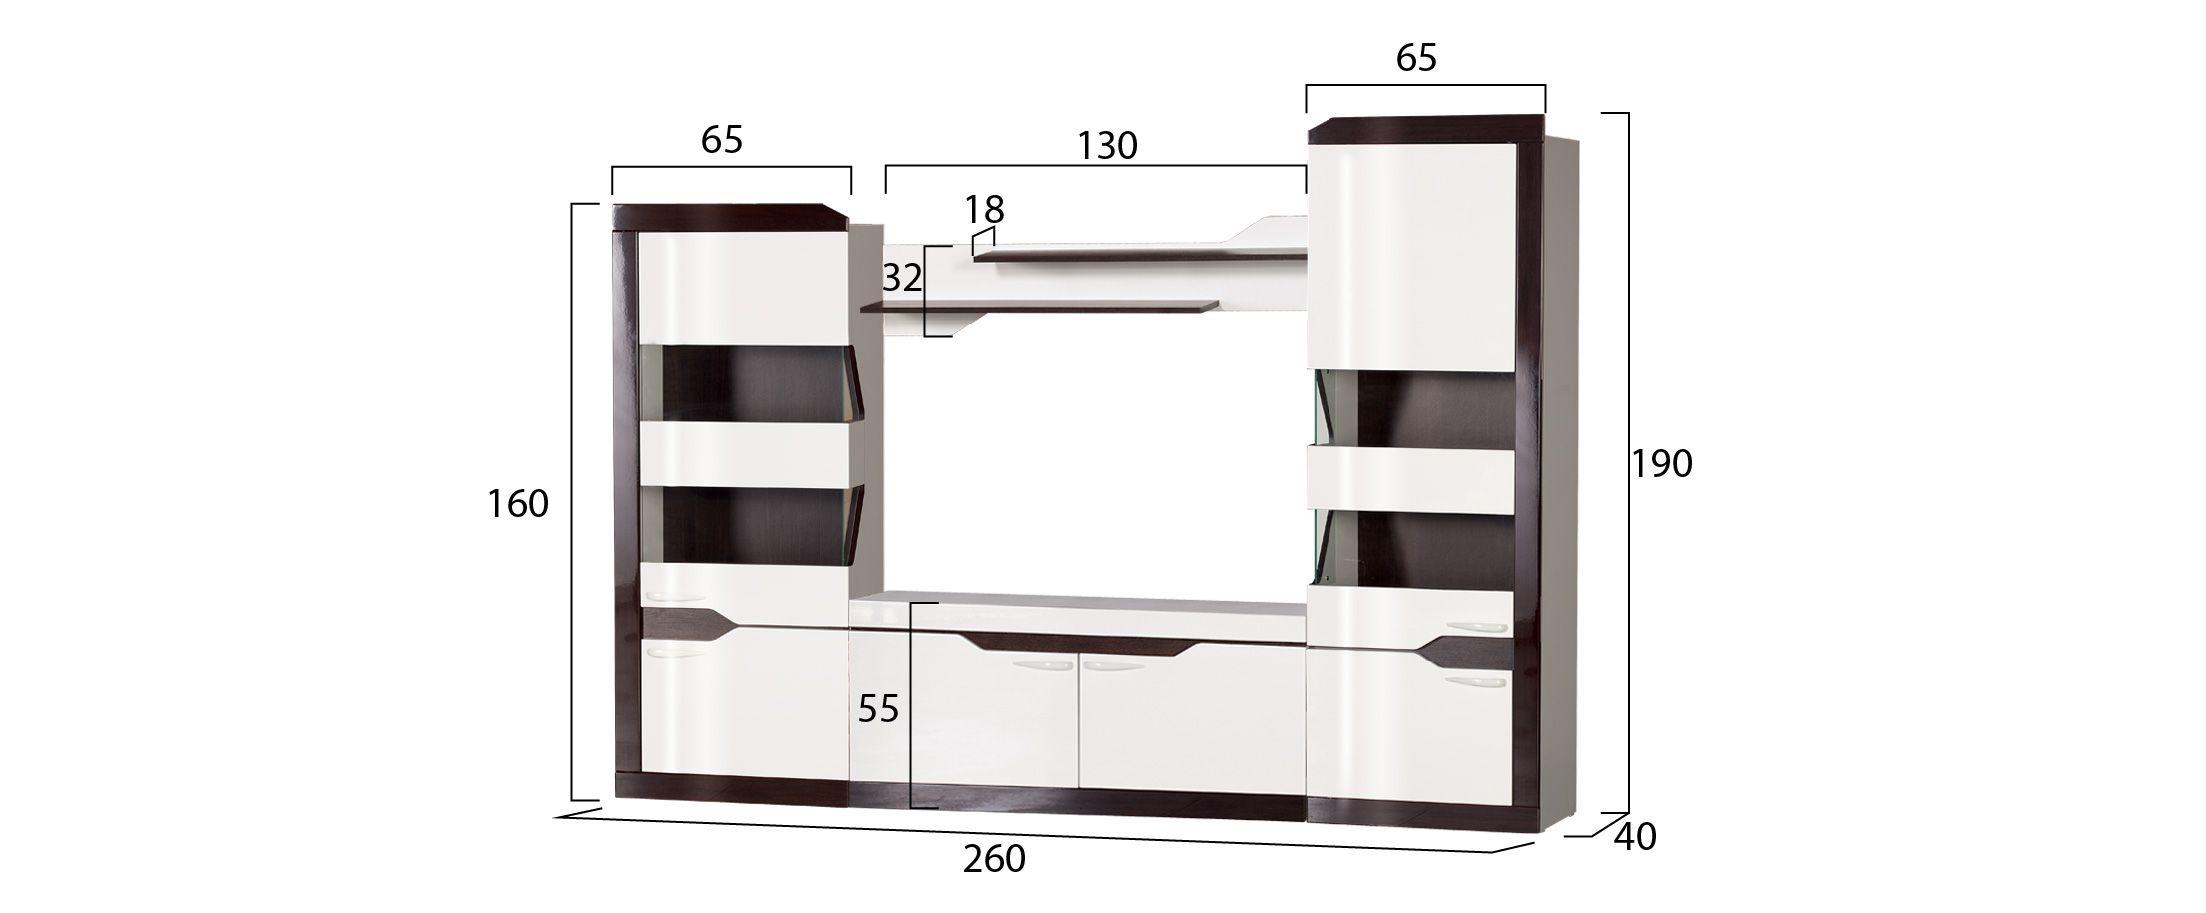 Гостиная Ронда миниГостиная Ронда мини Модель 902. Артикул Д000782.<br><br>Ширина см: 260<br>Глубина см: 40<br>Высота см: 190<br>Материал фасада: МДФ<br>Цвет корпуса: Белый/Венге<br>Цвет фасада: Венге глянец<br>Материал корпуса: ЛДСП